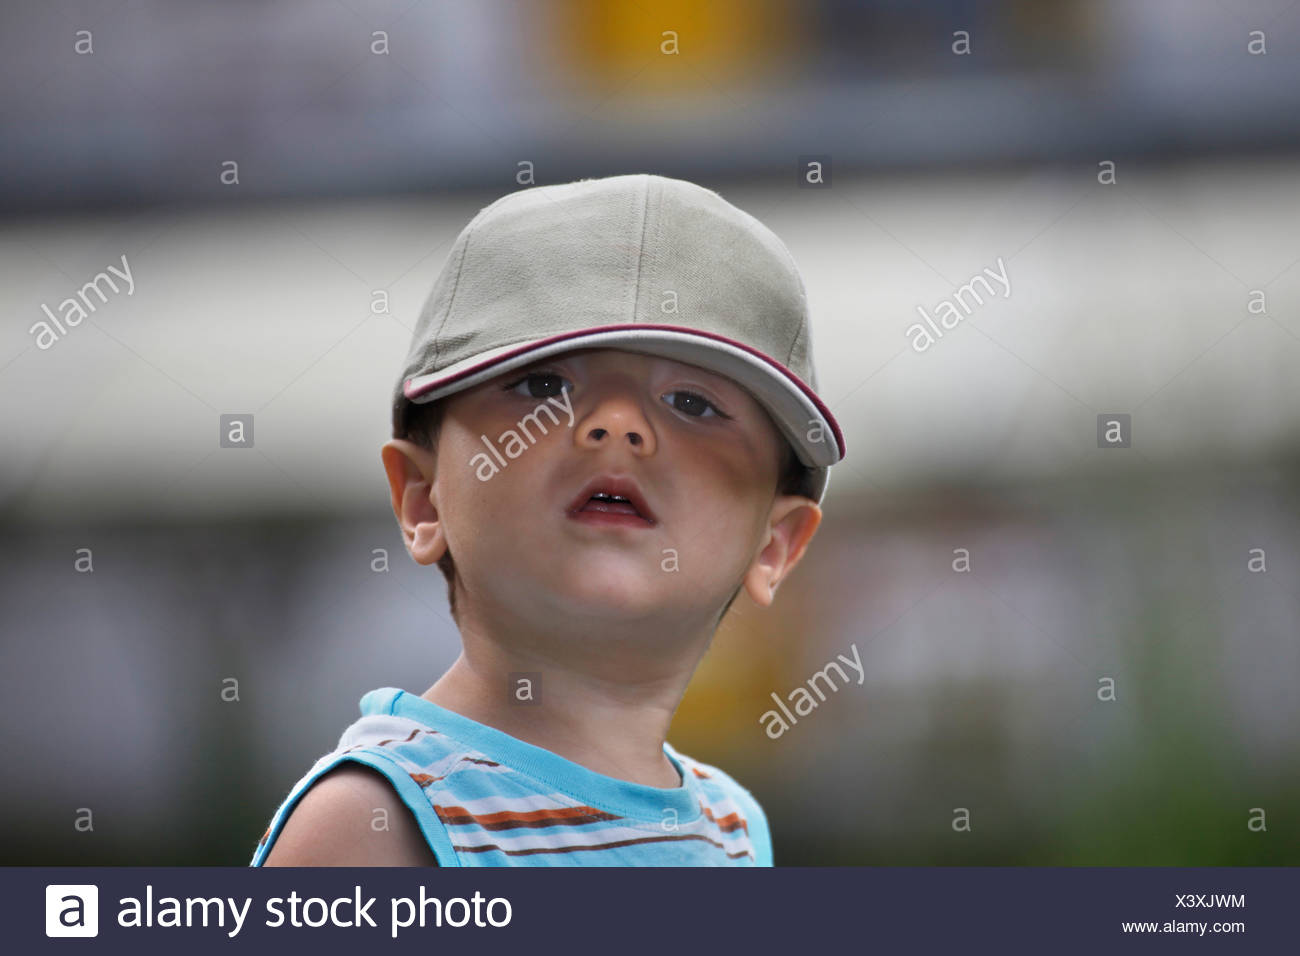 Berretto A Visiera Immagini   Berretto A Visiera Fotos Stock - Alamy 76af5bb267ff